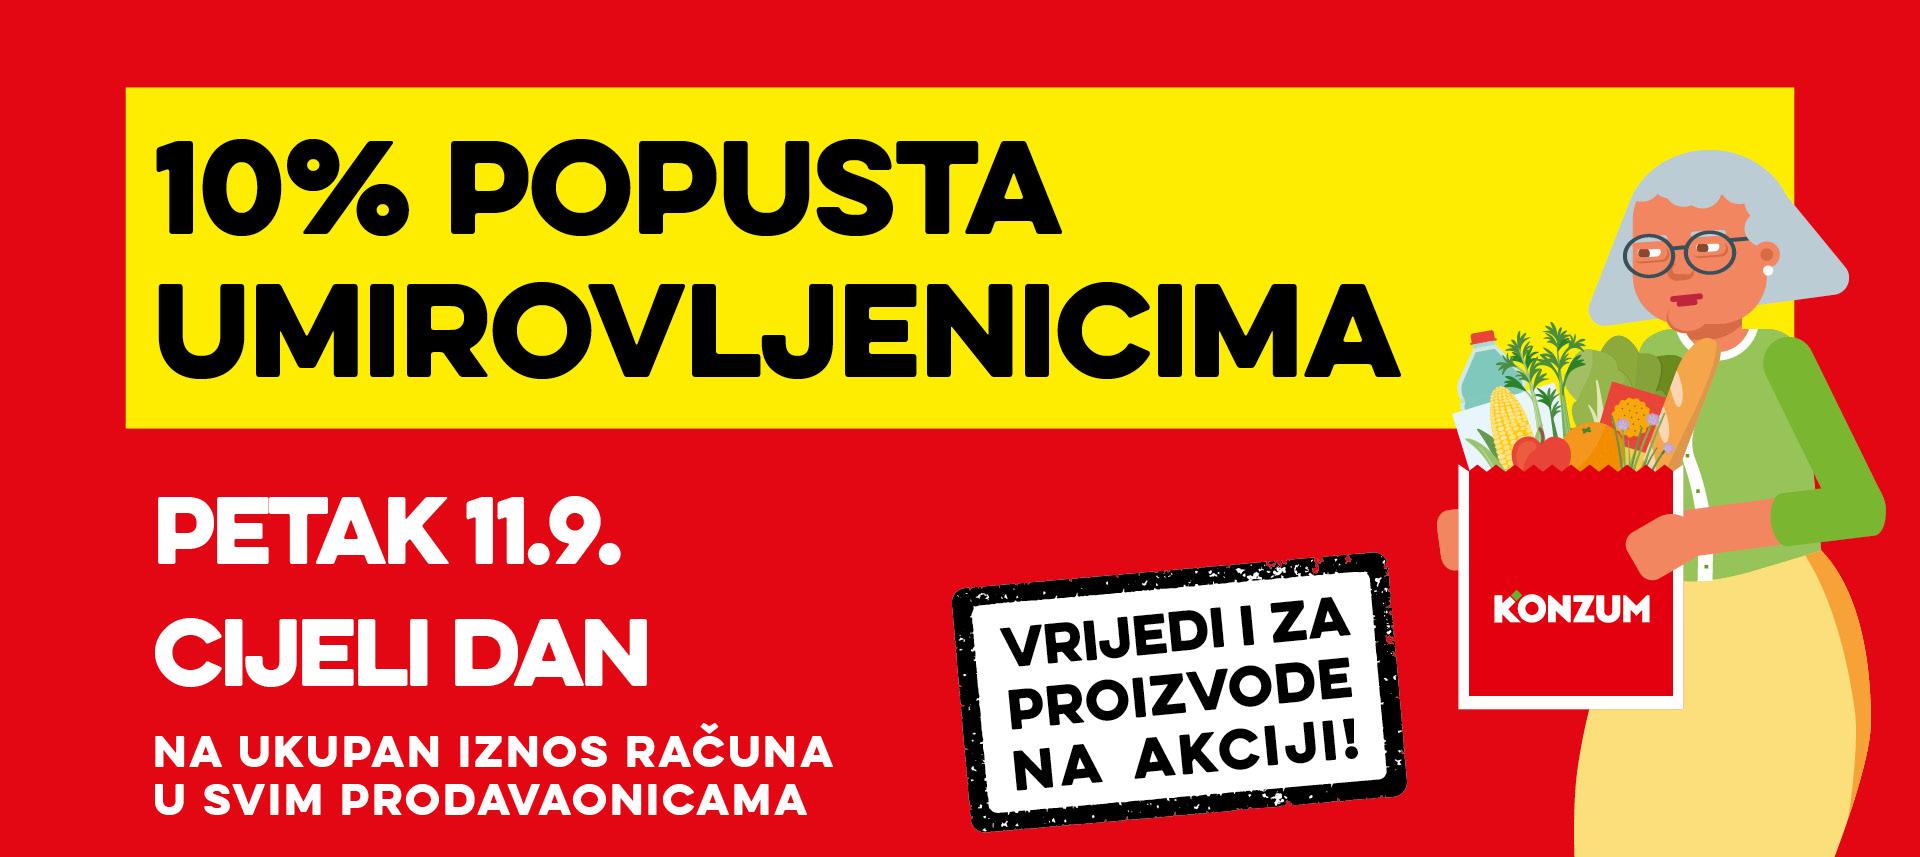 Web umirovljenici2.jpg